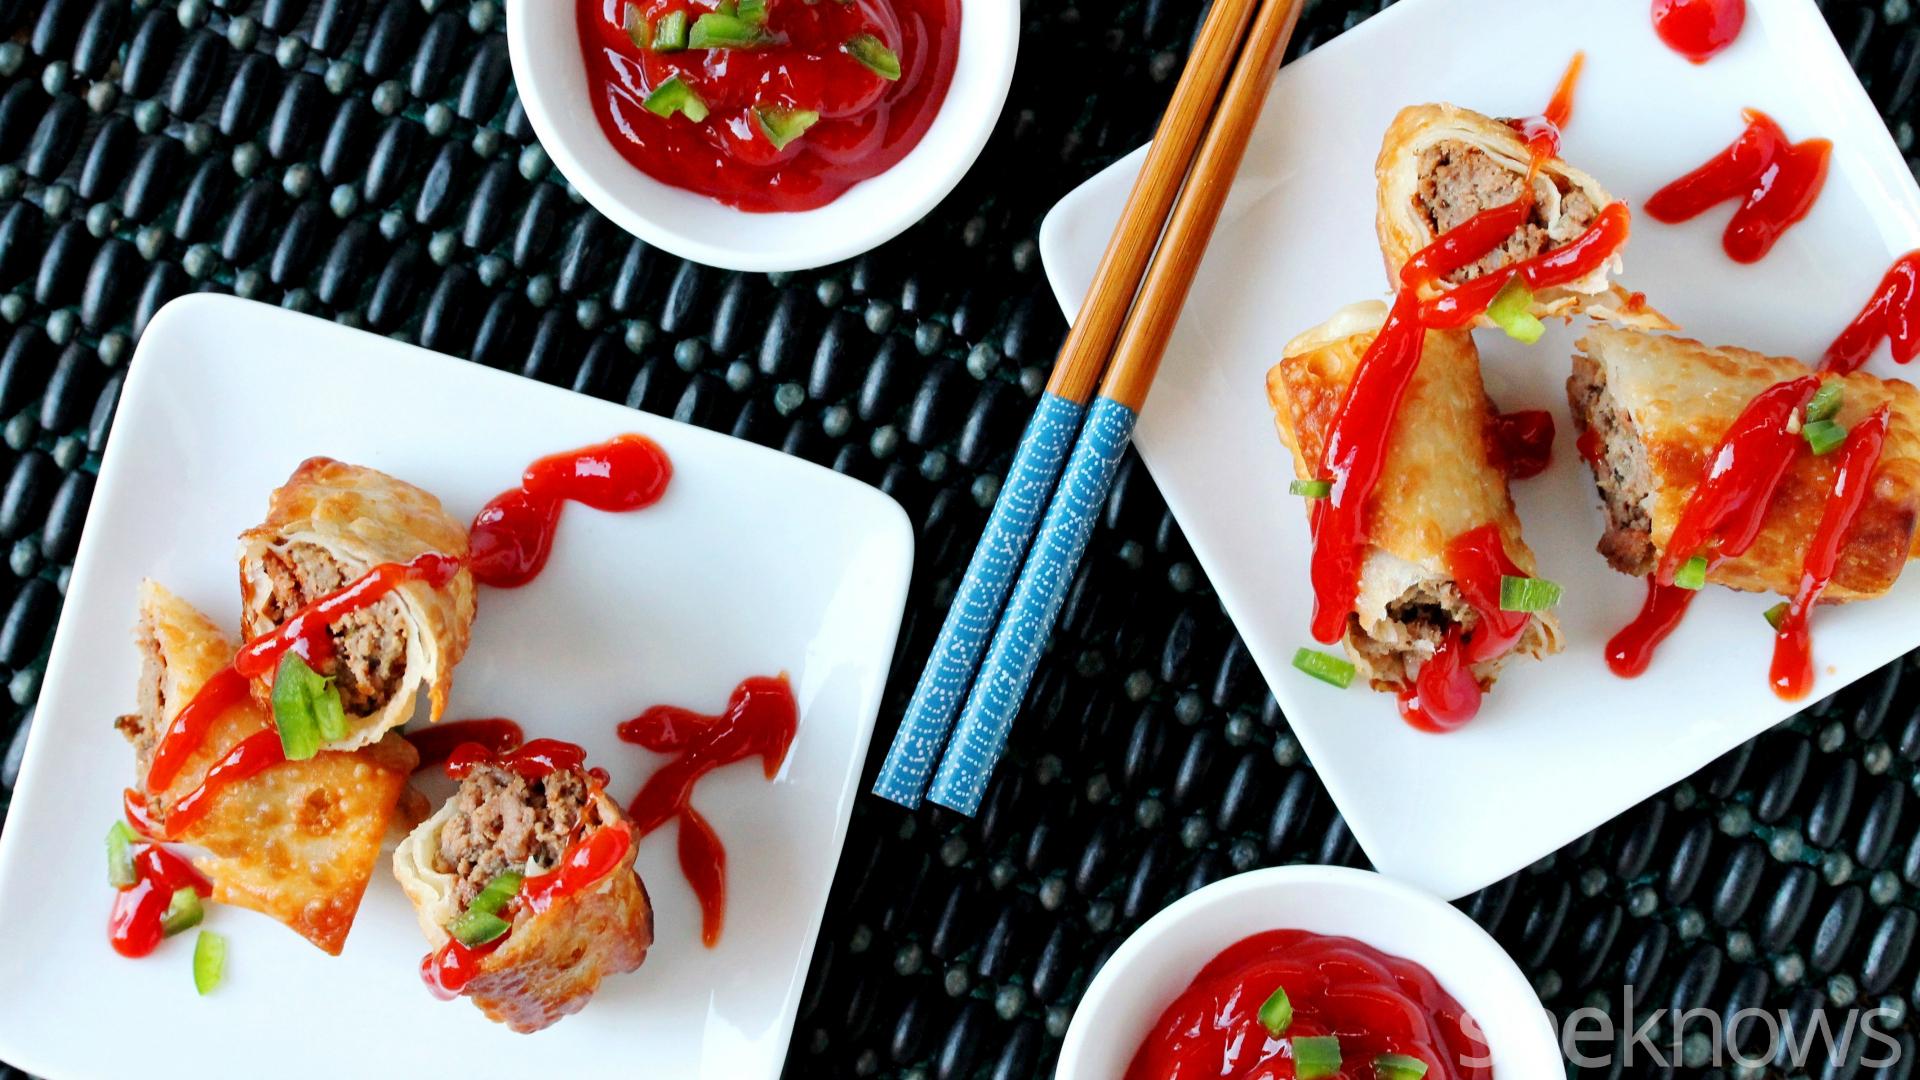 meatloaf egg rolls on plate